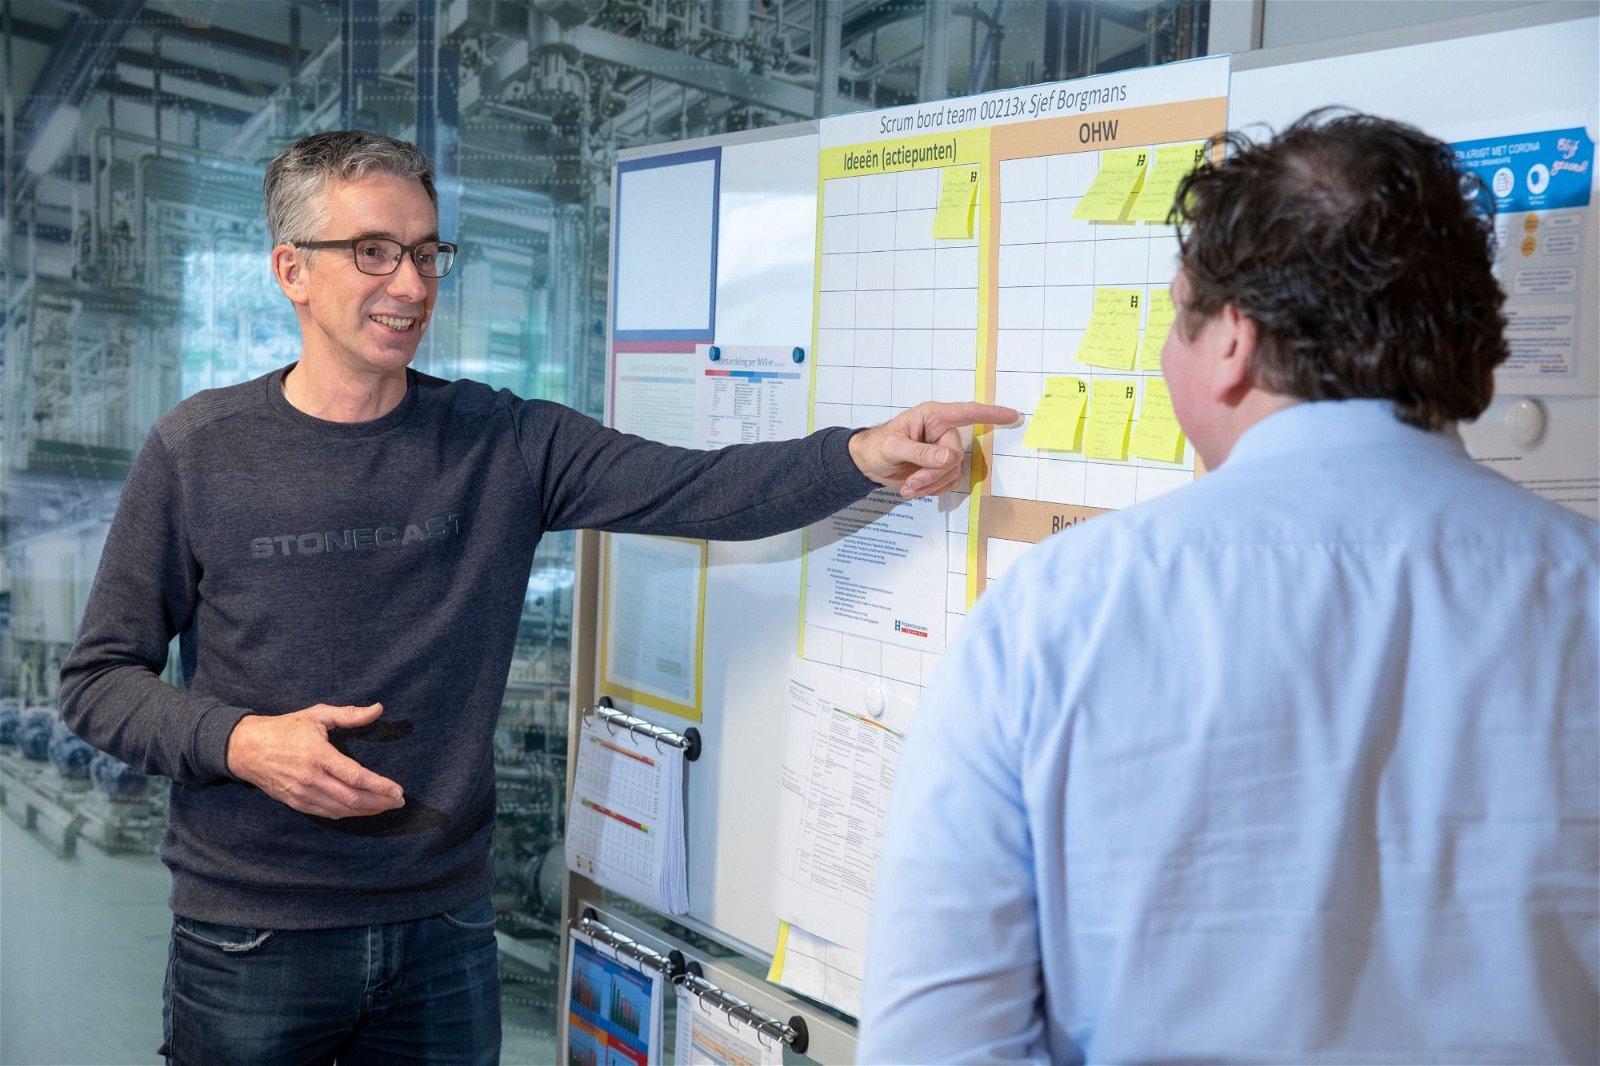 Alle grote opdrachten vragen om projectmanagement.